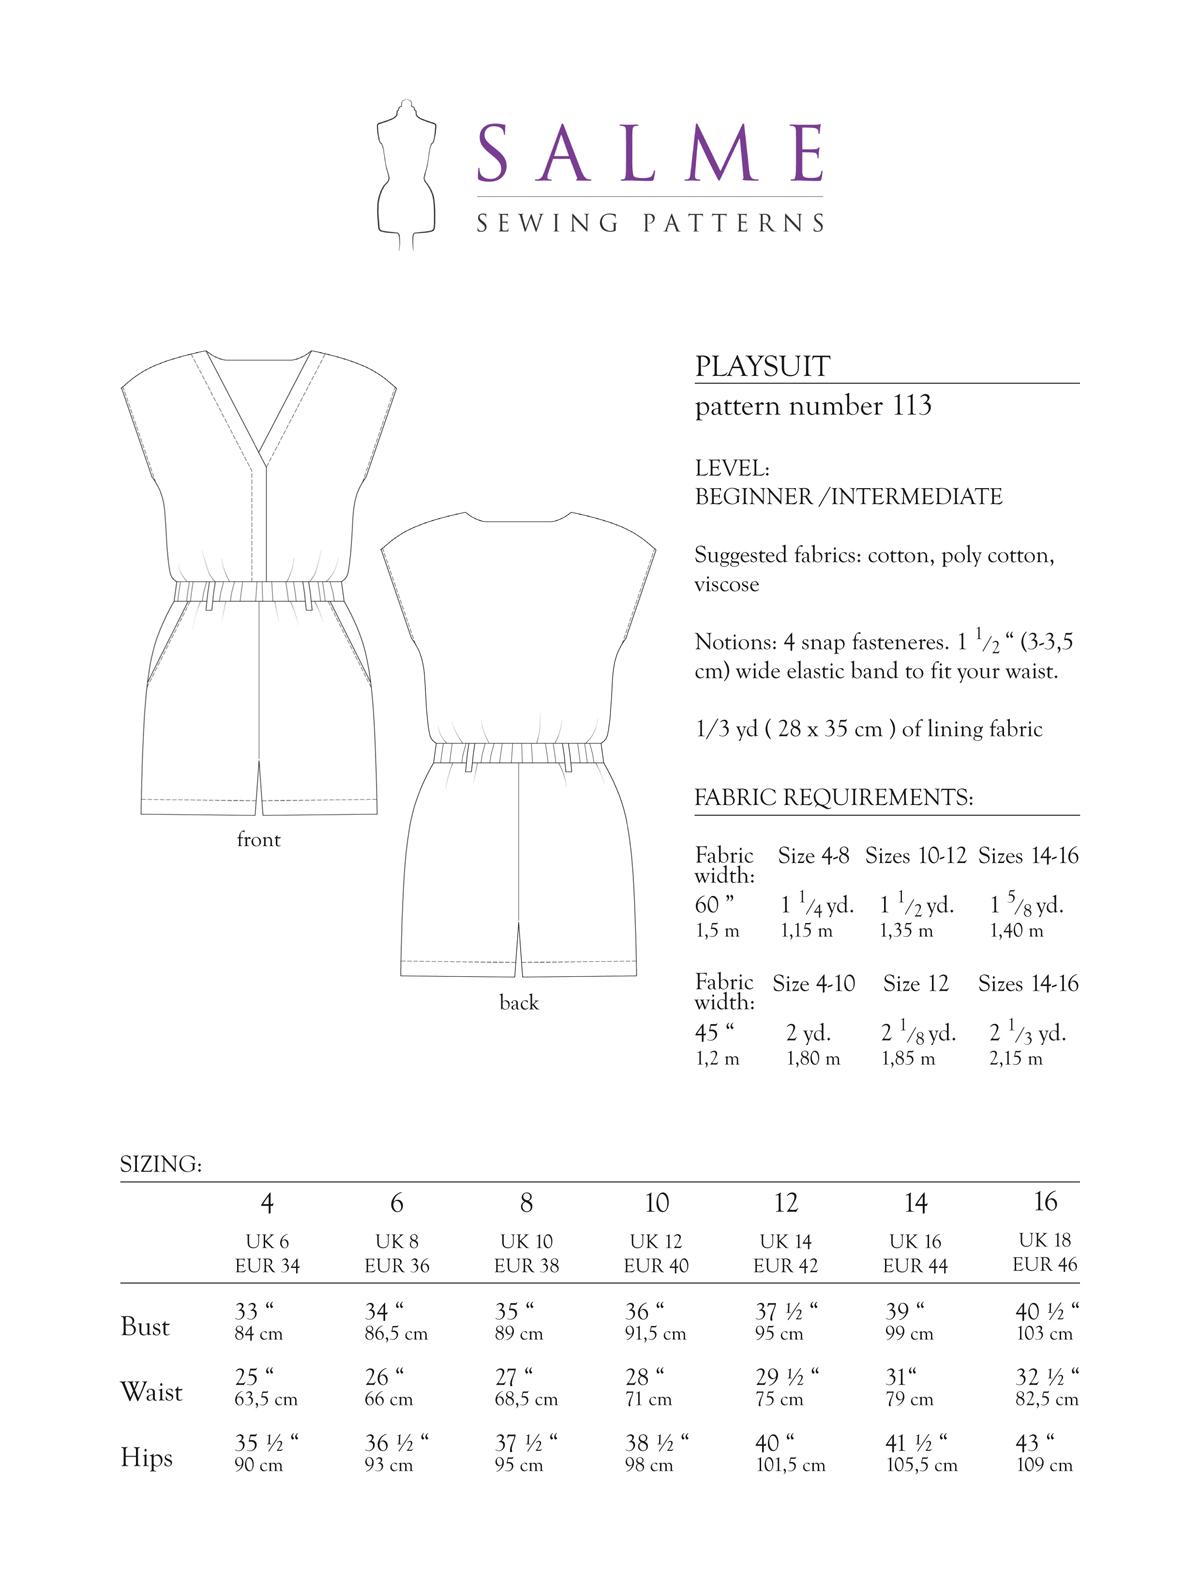 Salme sewing patterns 113 playsuit downloadable pattern prevnext jeuxipadfo Images